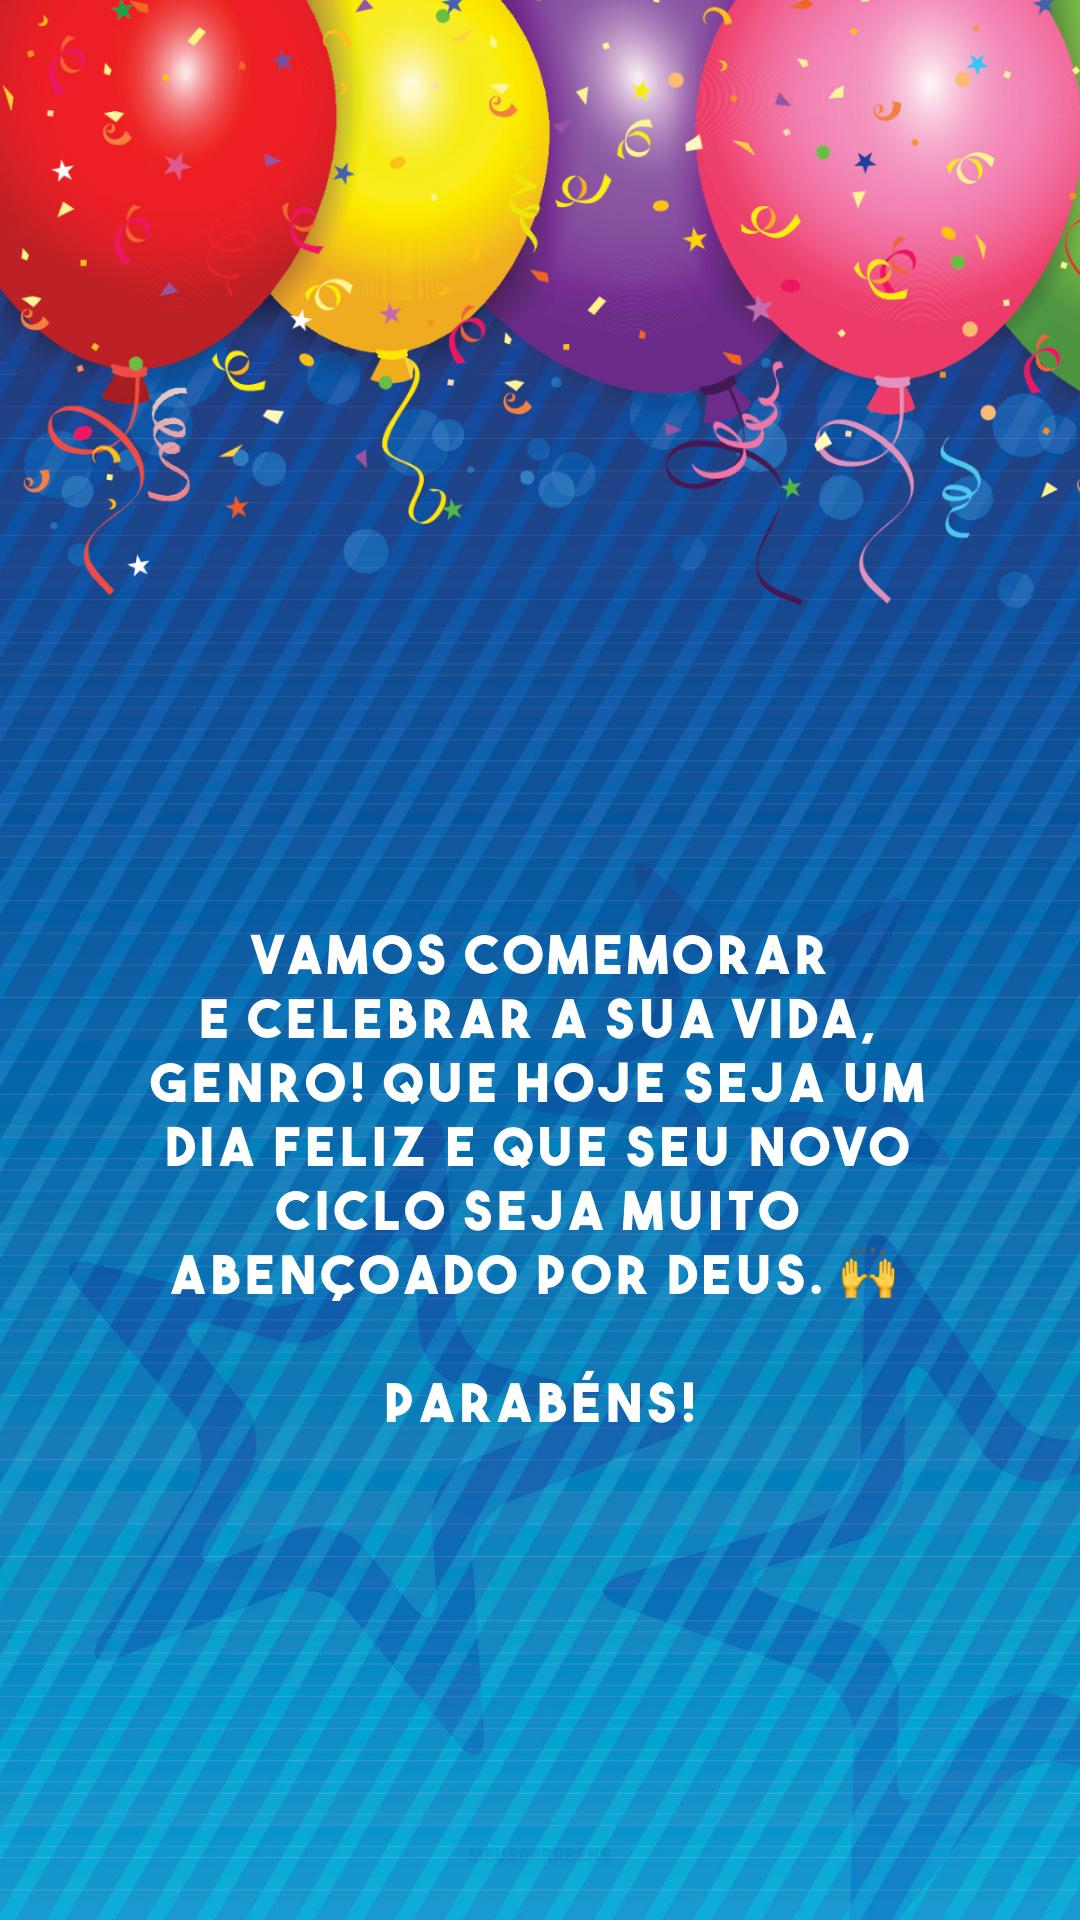 Vamos comemorar e celebrar a sua vida, genro! Que hoje seja um dia feliz e que seu novo ciclo seja muito abençoado por Deus. 🙌 Parabéns!